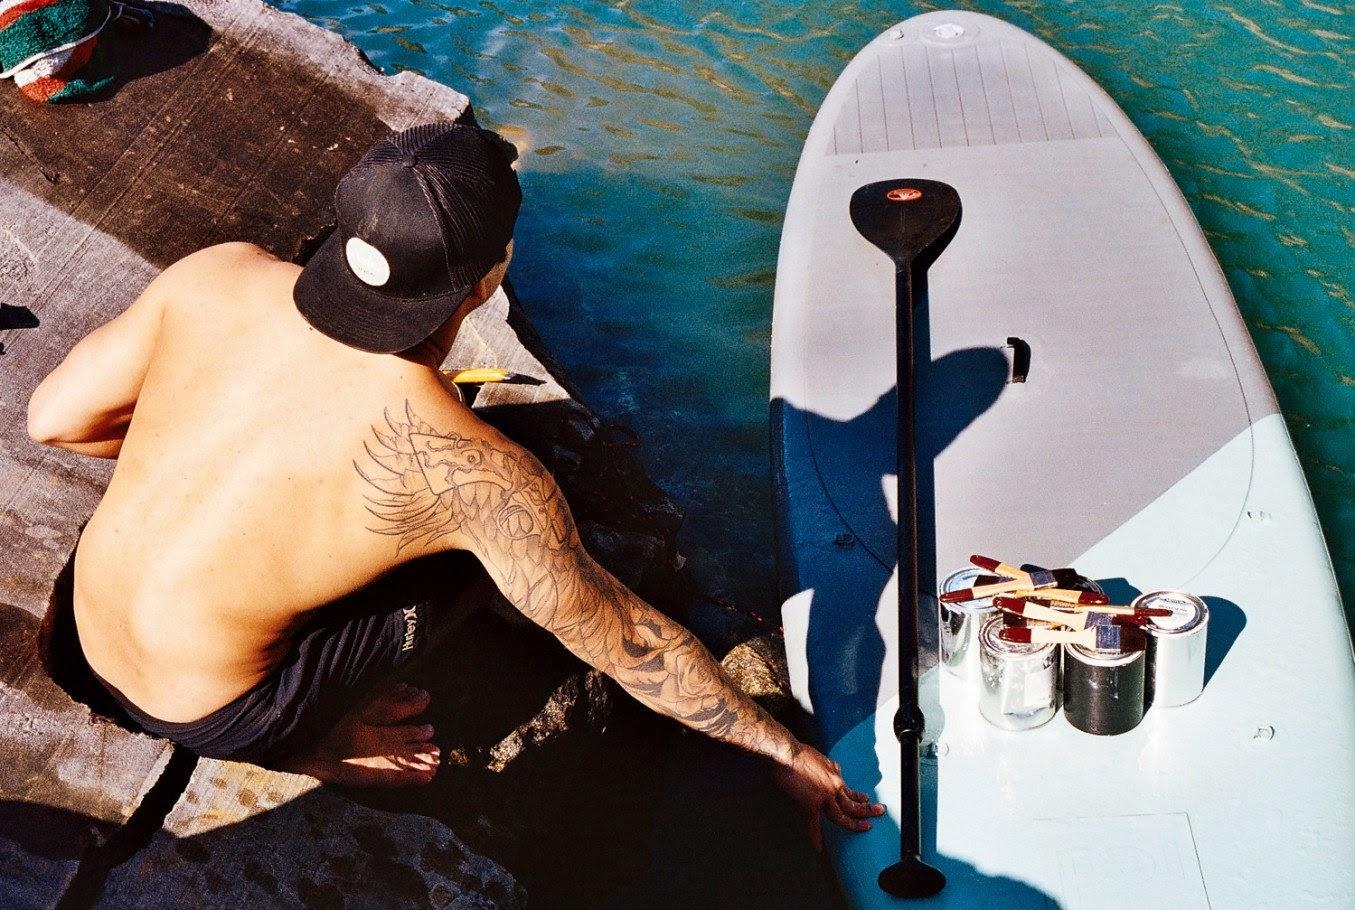 L'artiste Sean Yoro fait de la peinture murale sur son sup